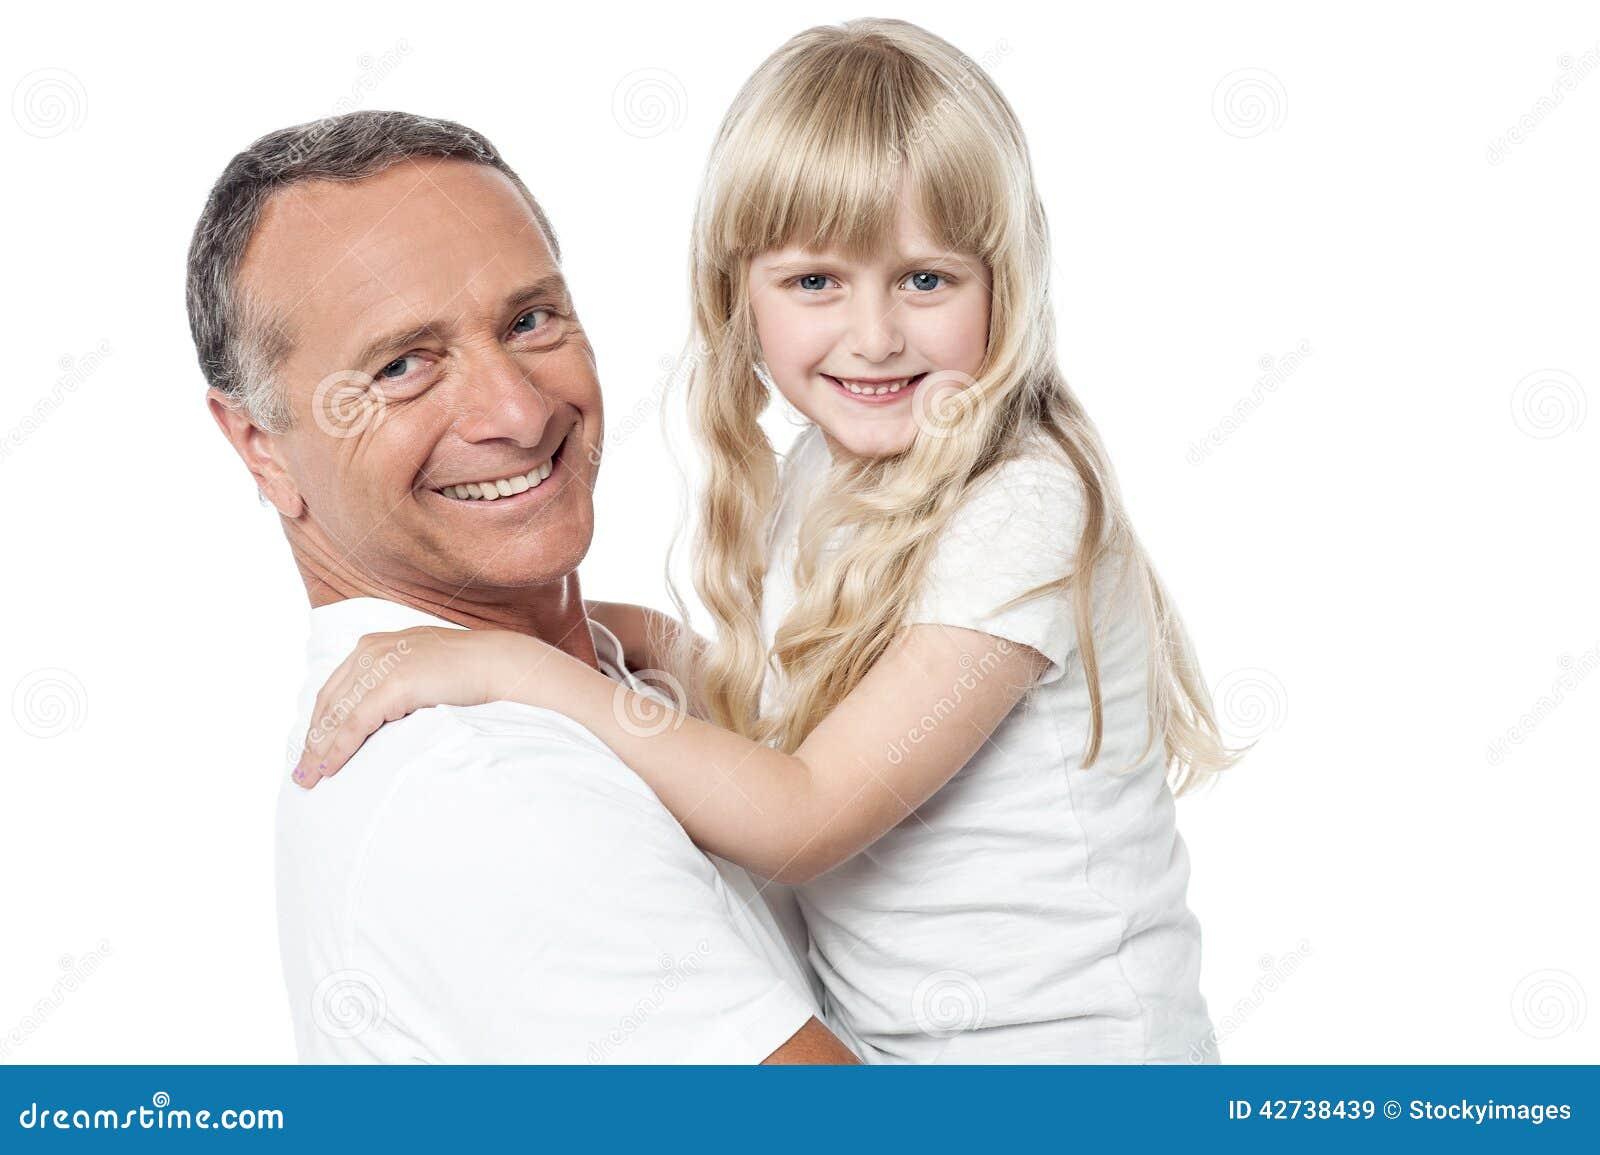 Χαρούμενος πατέρας με χαριτωμένο λίγη κόρη